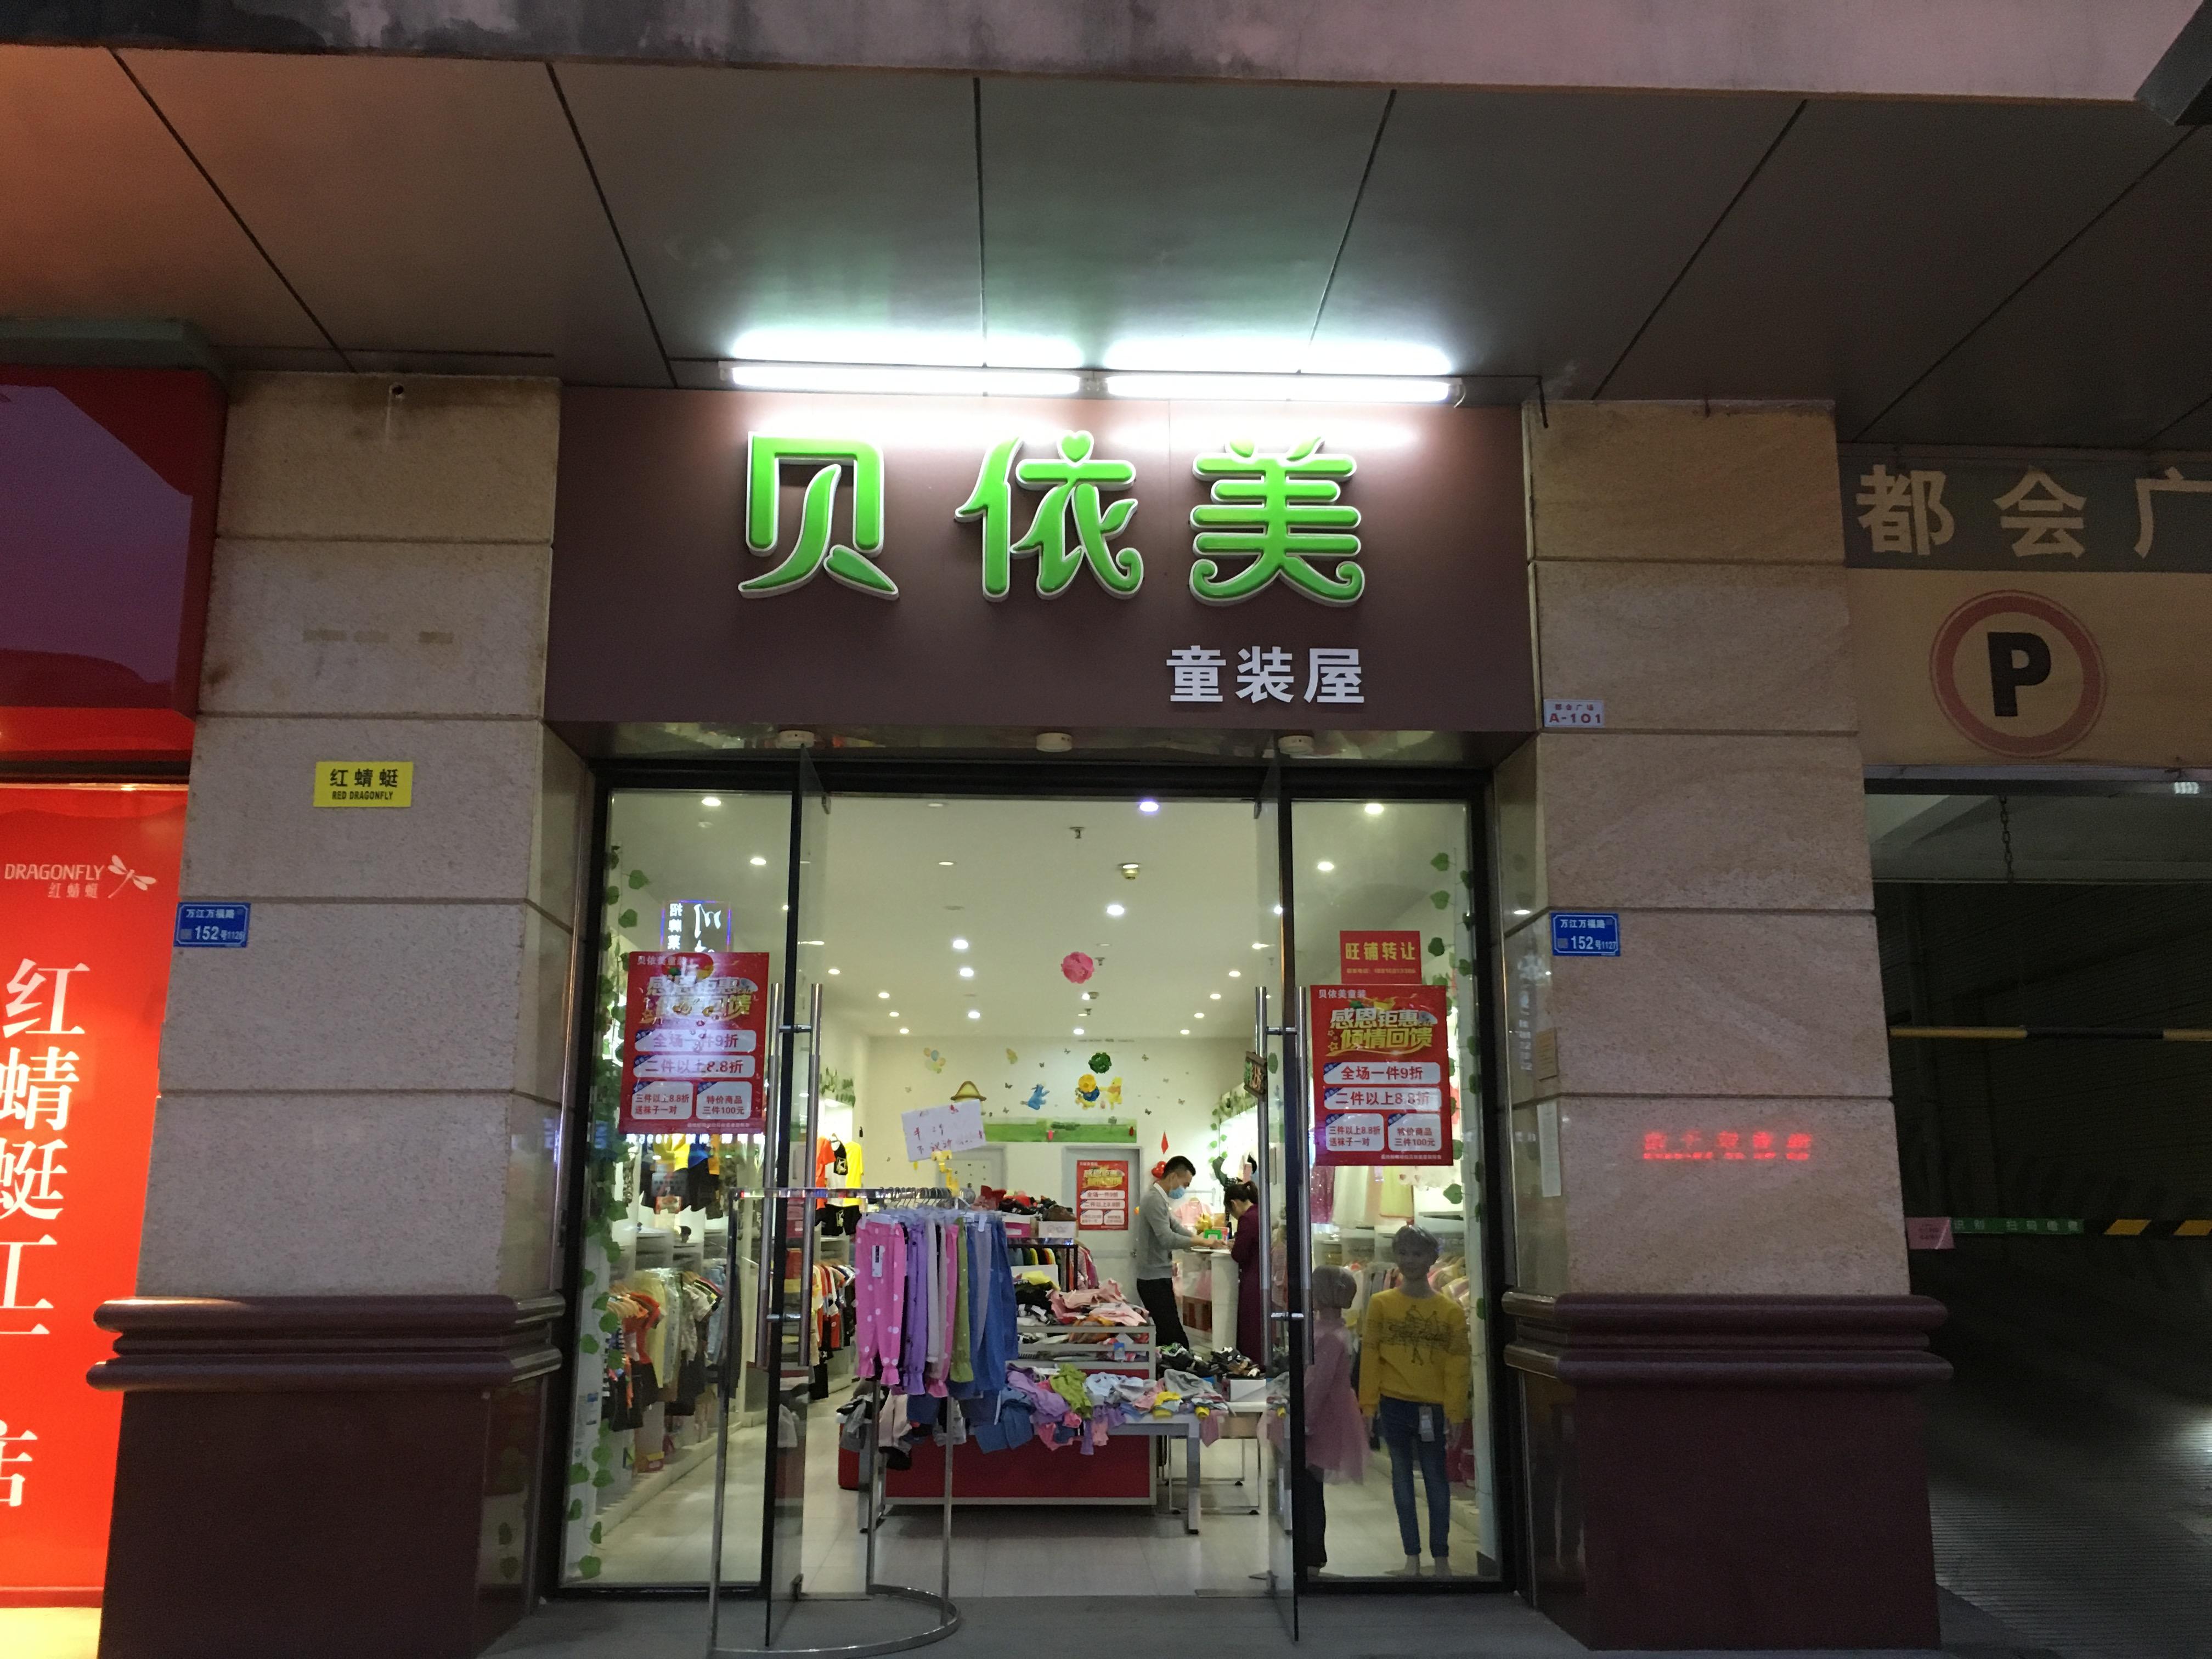 万江 童装店转让(贝依美)位于都会广场内!附近有公寓!学校!